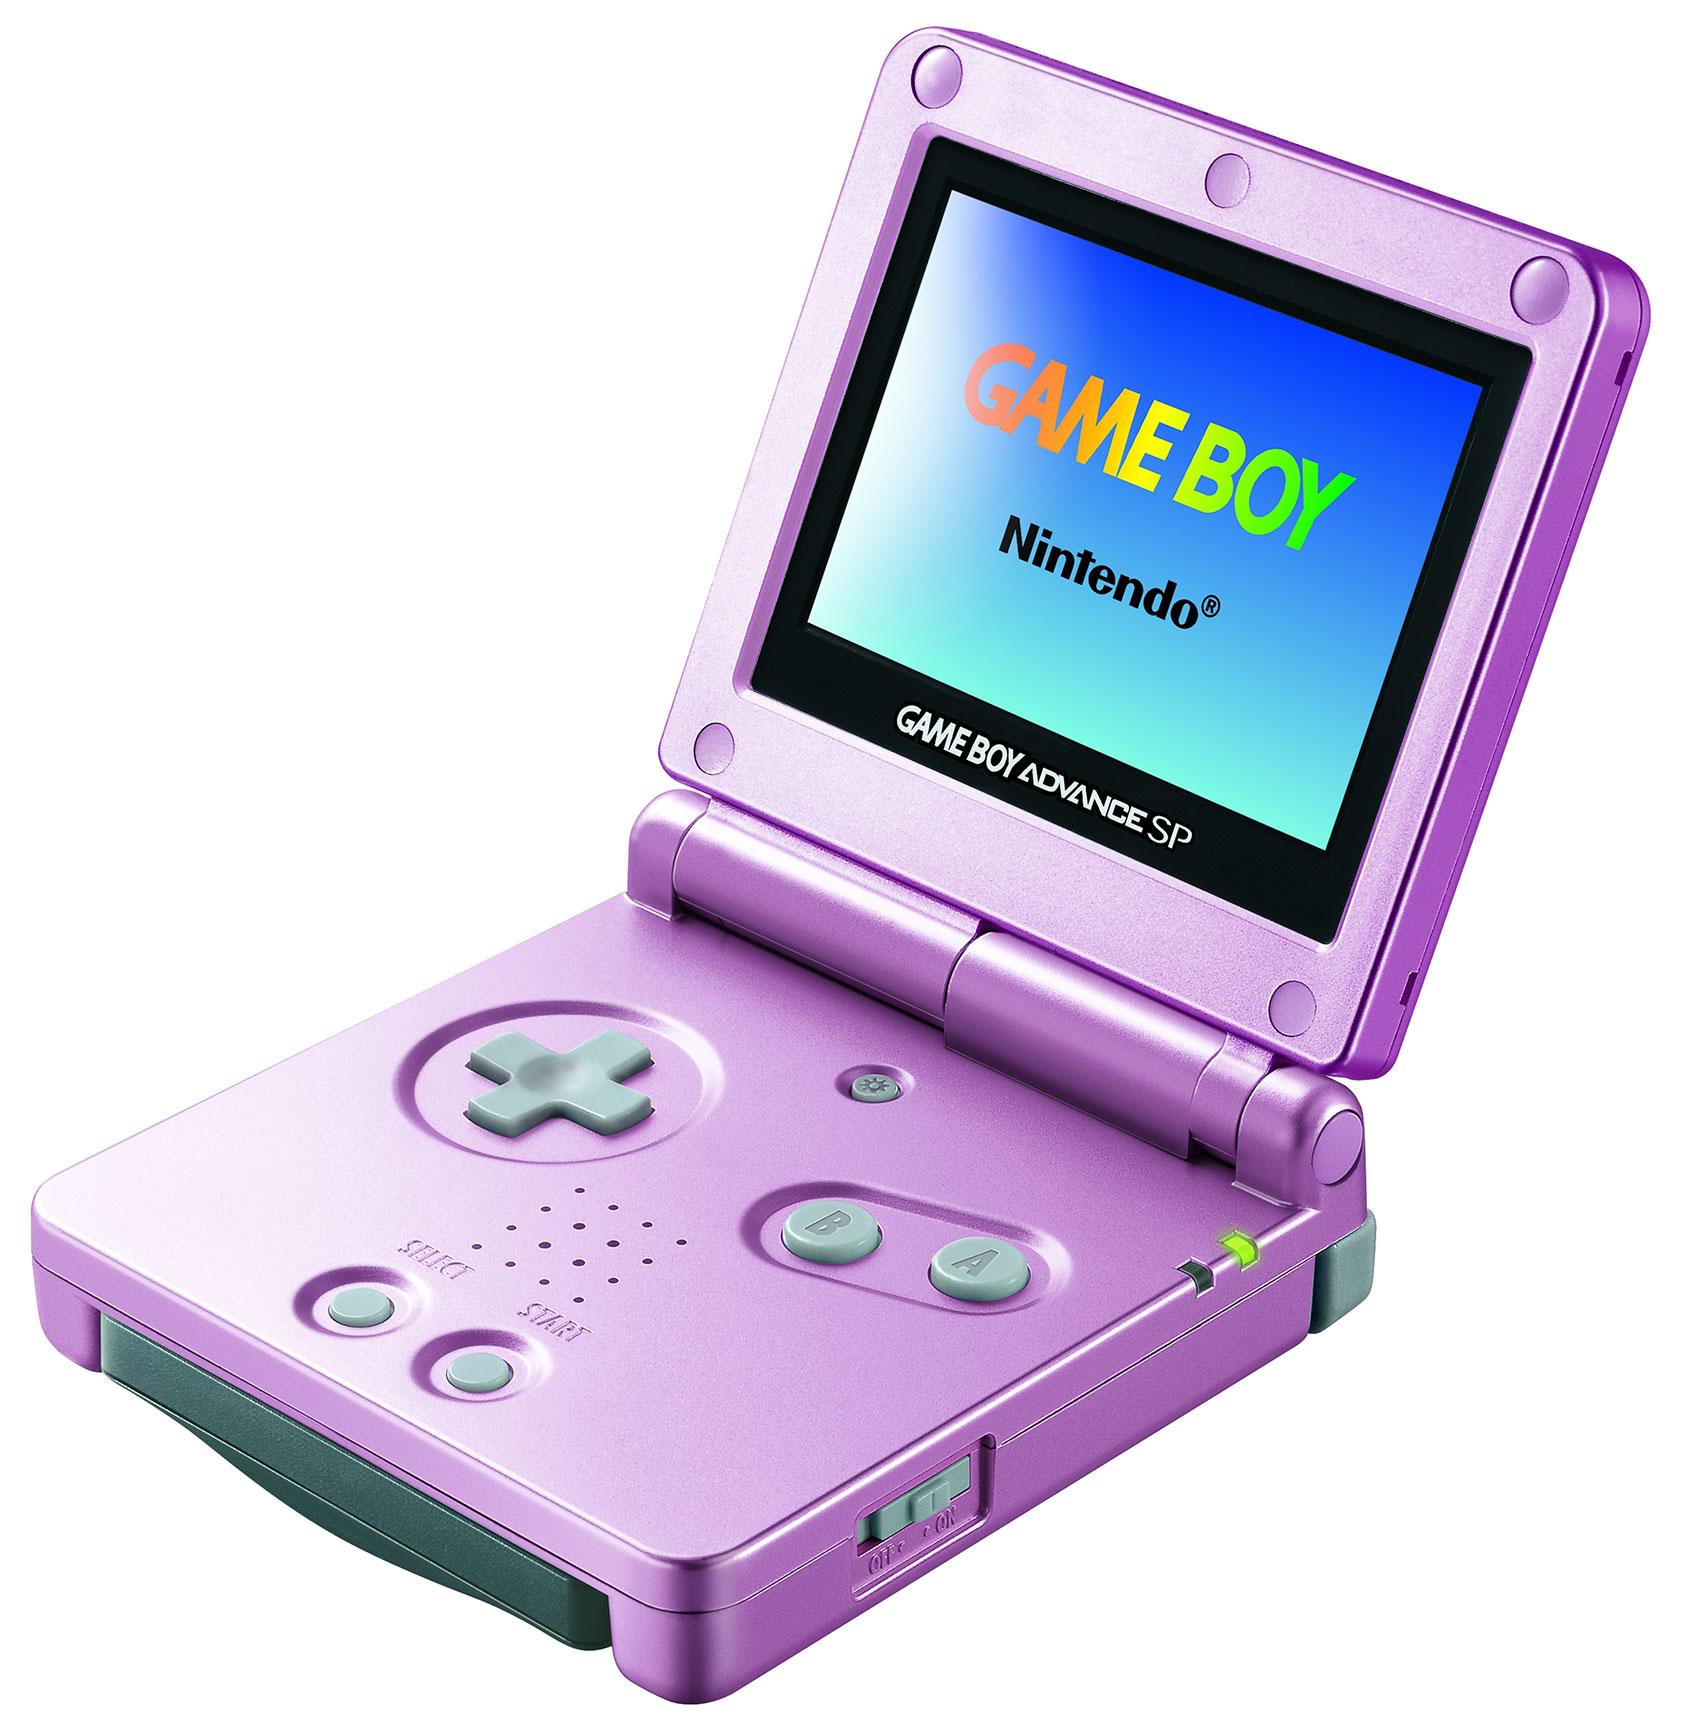 """Hosentaschen-Konsole zum Auf- und Zuklappen: der """"Advance SP"""" lässt bereits das Konzept des später veröffentlichten Nintendo DS erahnen."""